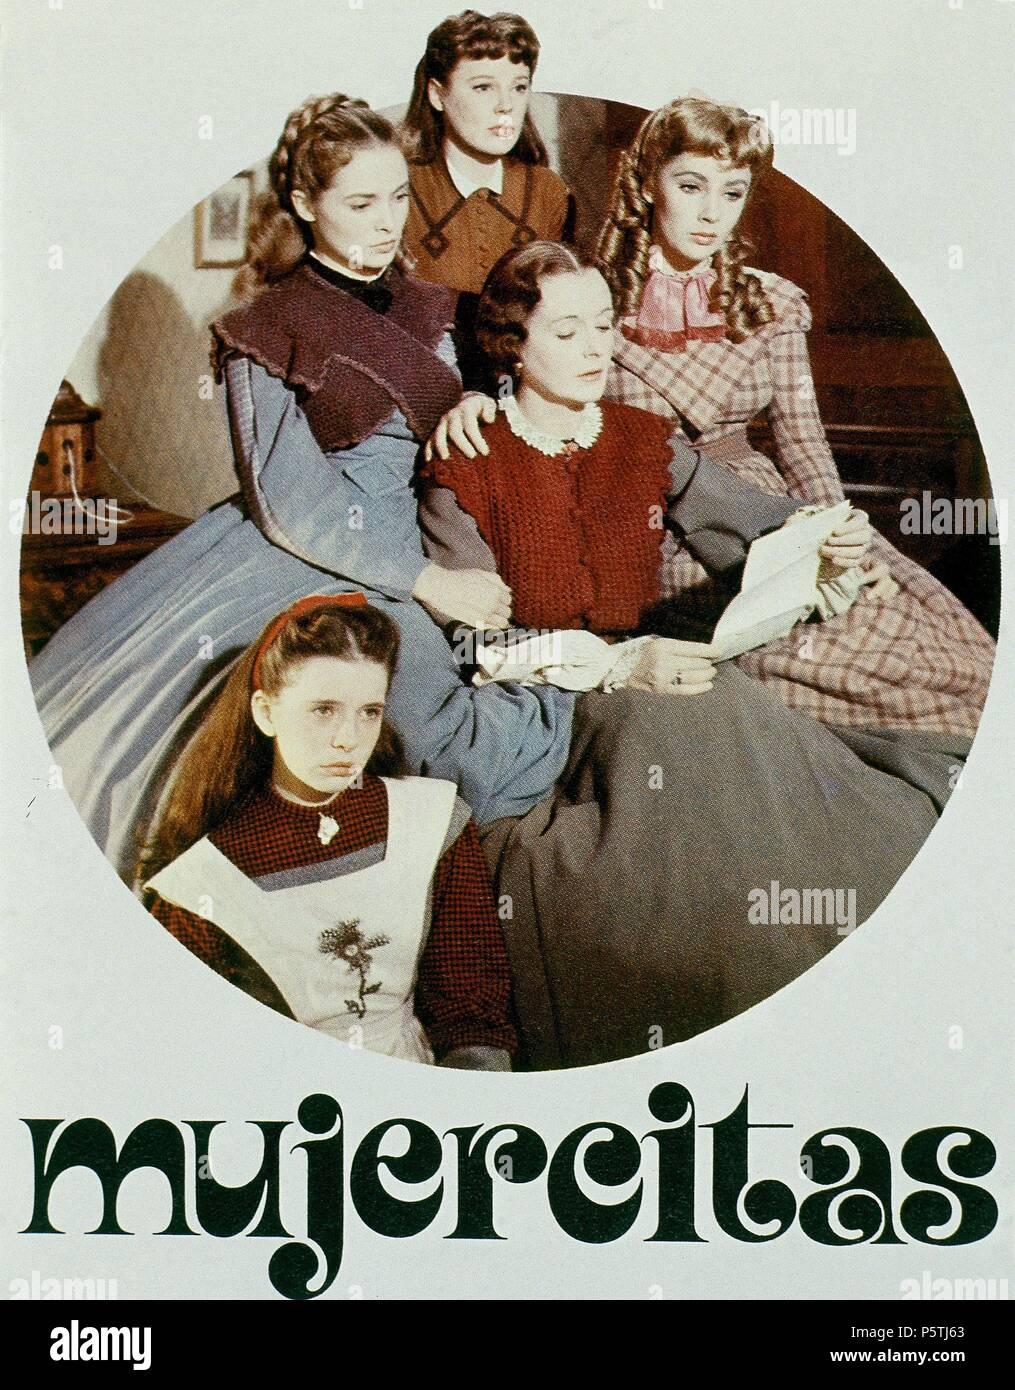 Anastasia Mayo Peliculas 1949 films stock photos & 1949 films stock images - alamy